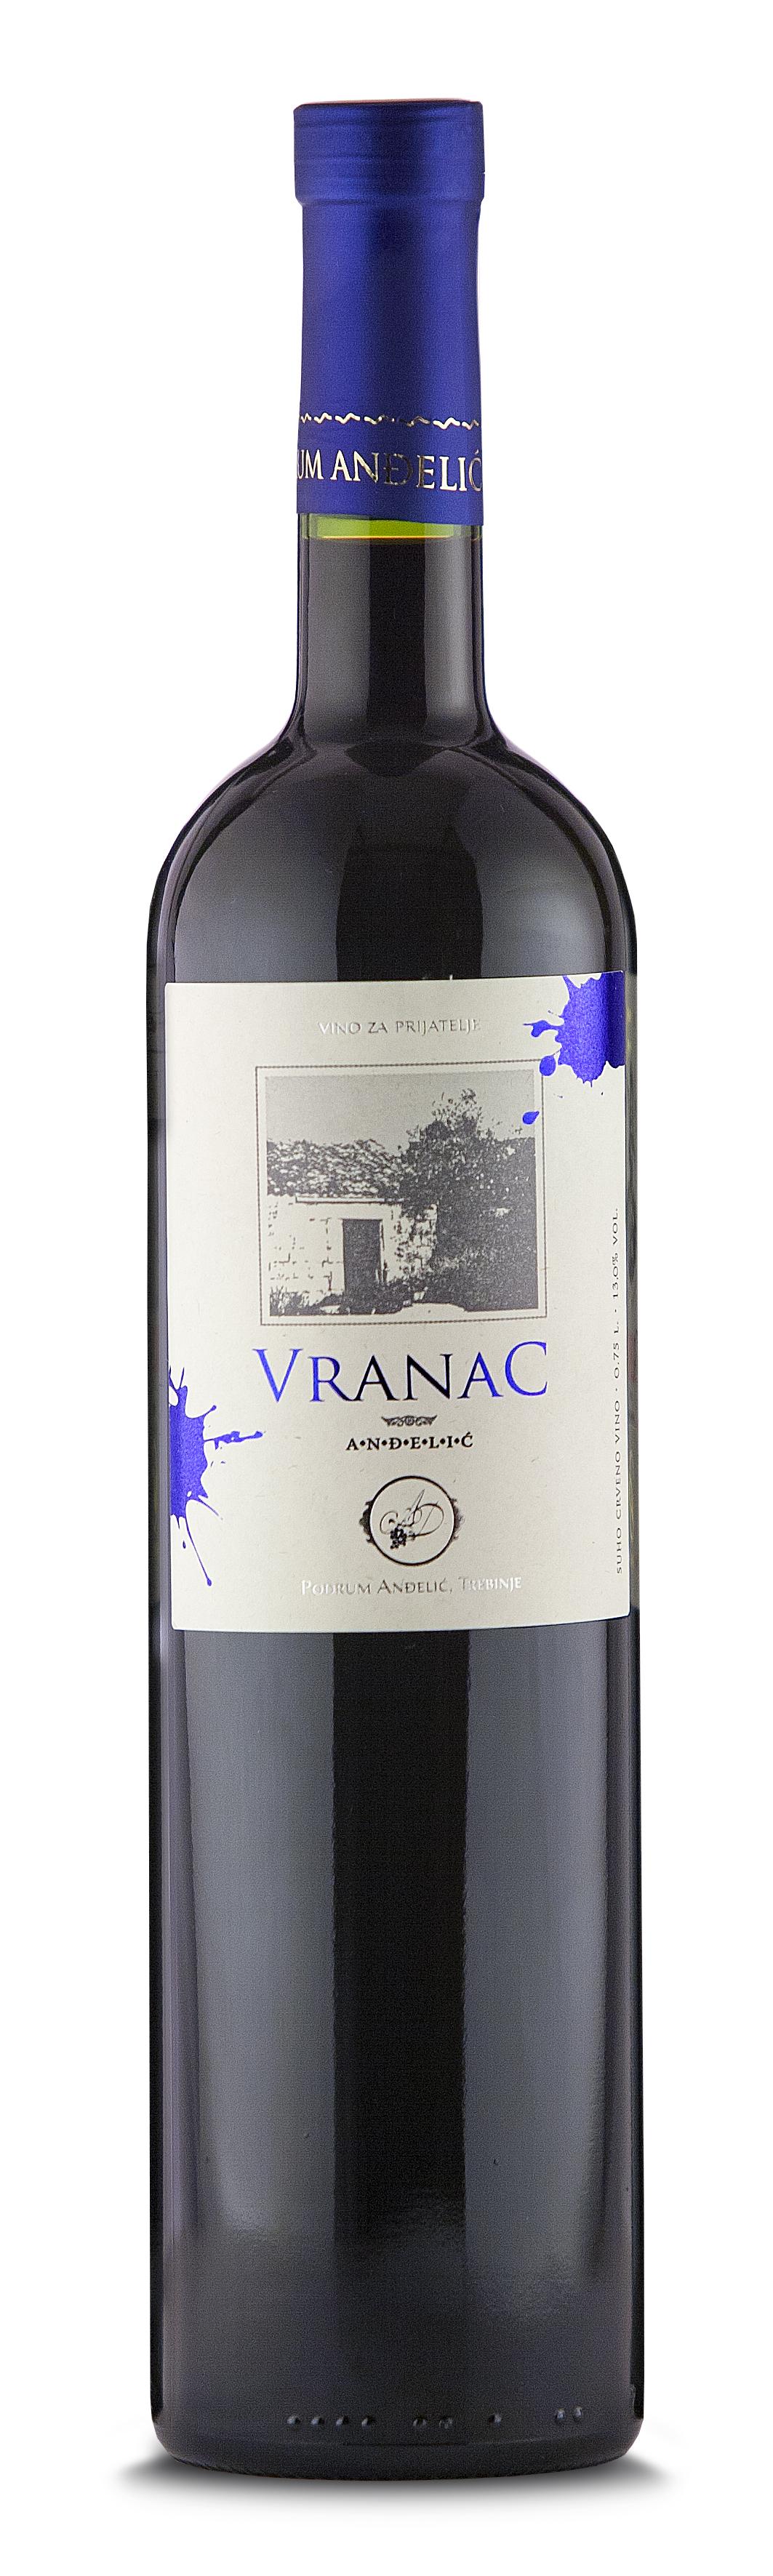 Podrum Anđelić Trebinje Crveno vino Vranac Anđelić, Red Wine